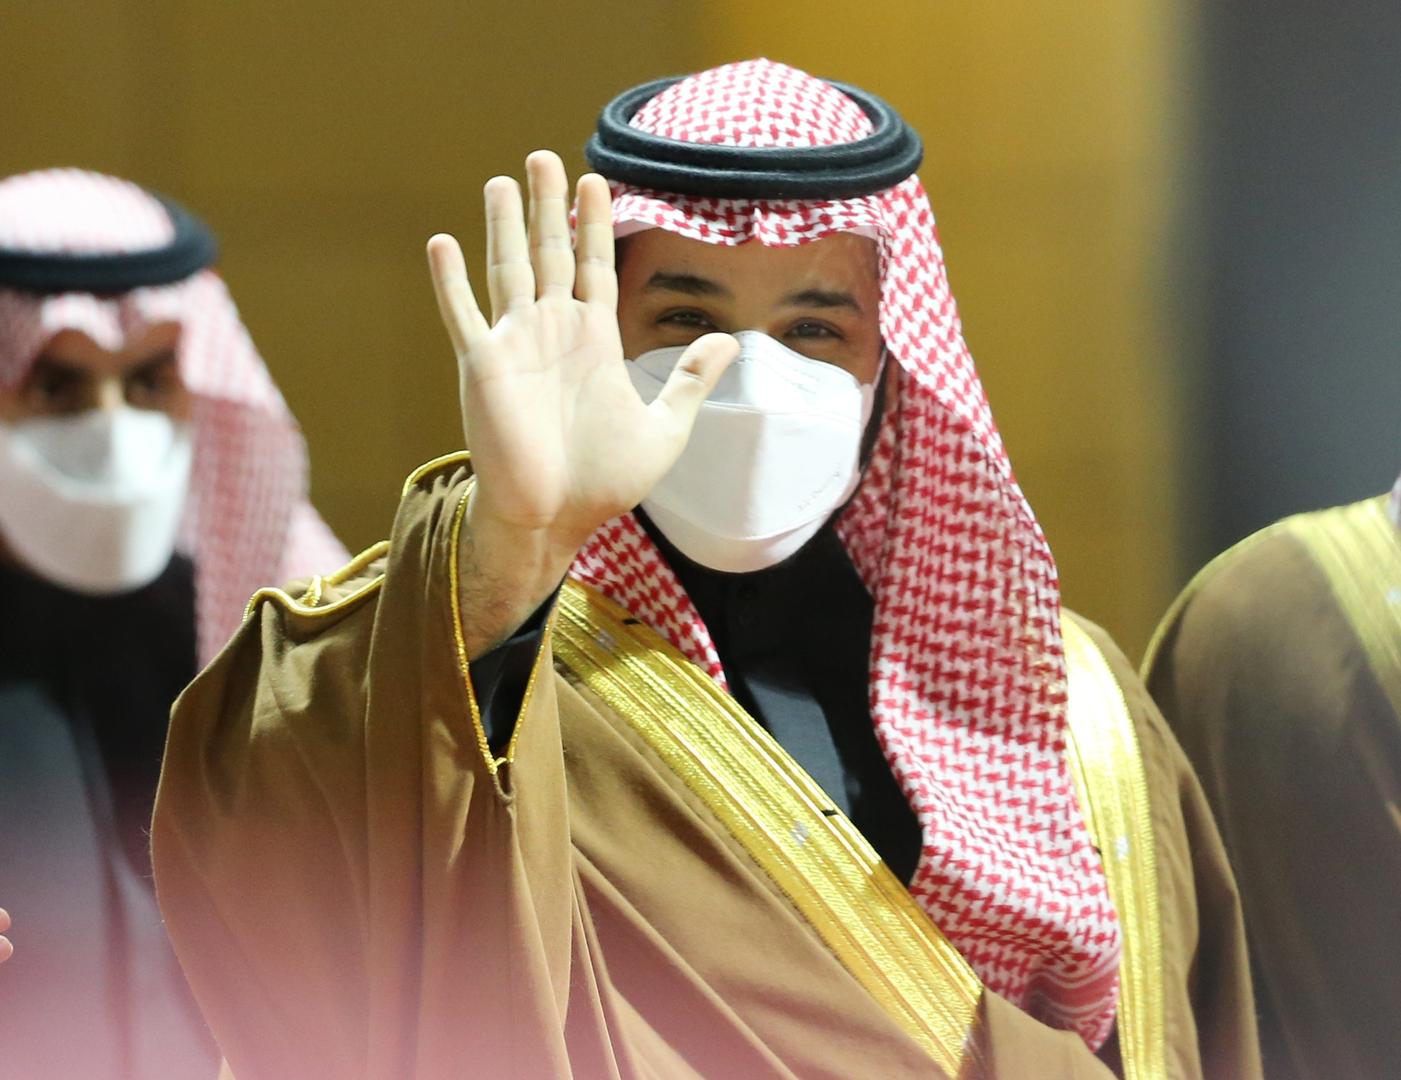 آل الشيخ ينشر صورة جديدة مع بن سلمان